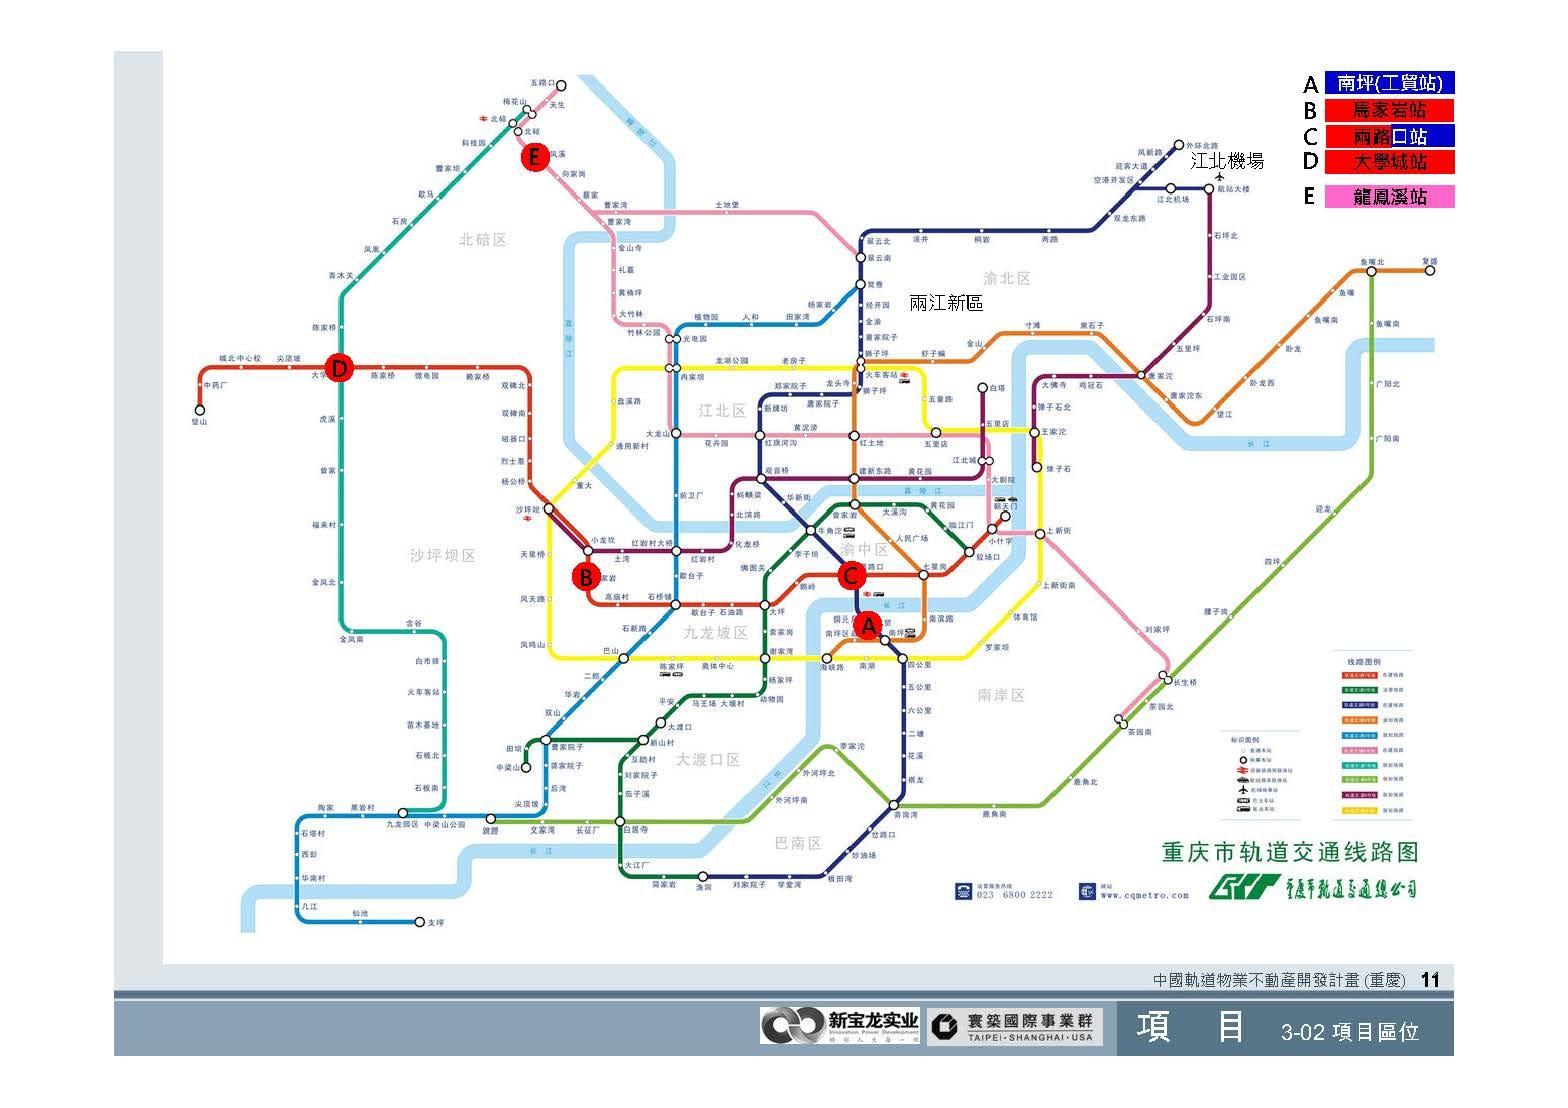 20100812-中國軌道物業不動產開發計畫(重慶)_頁面_12